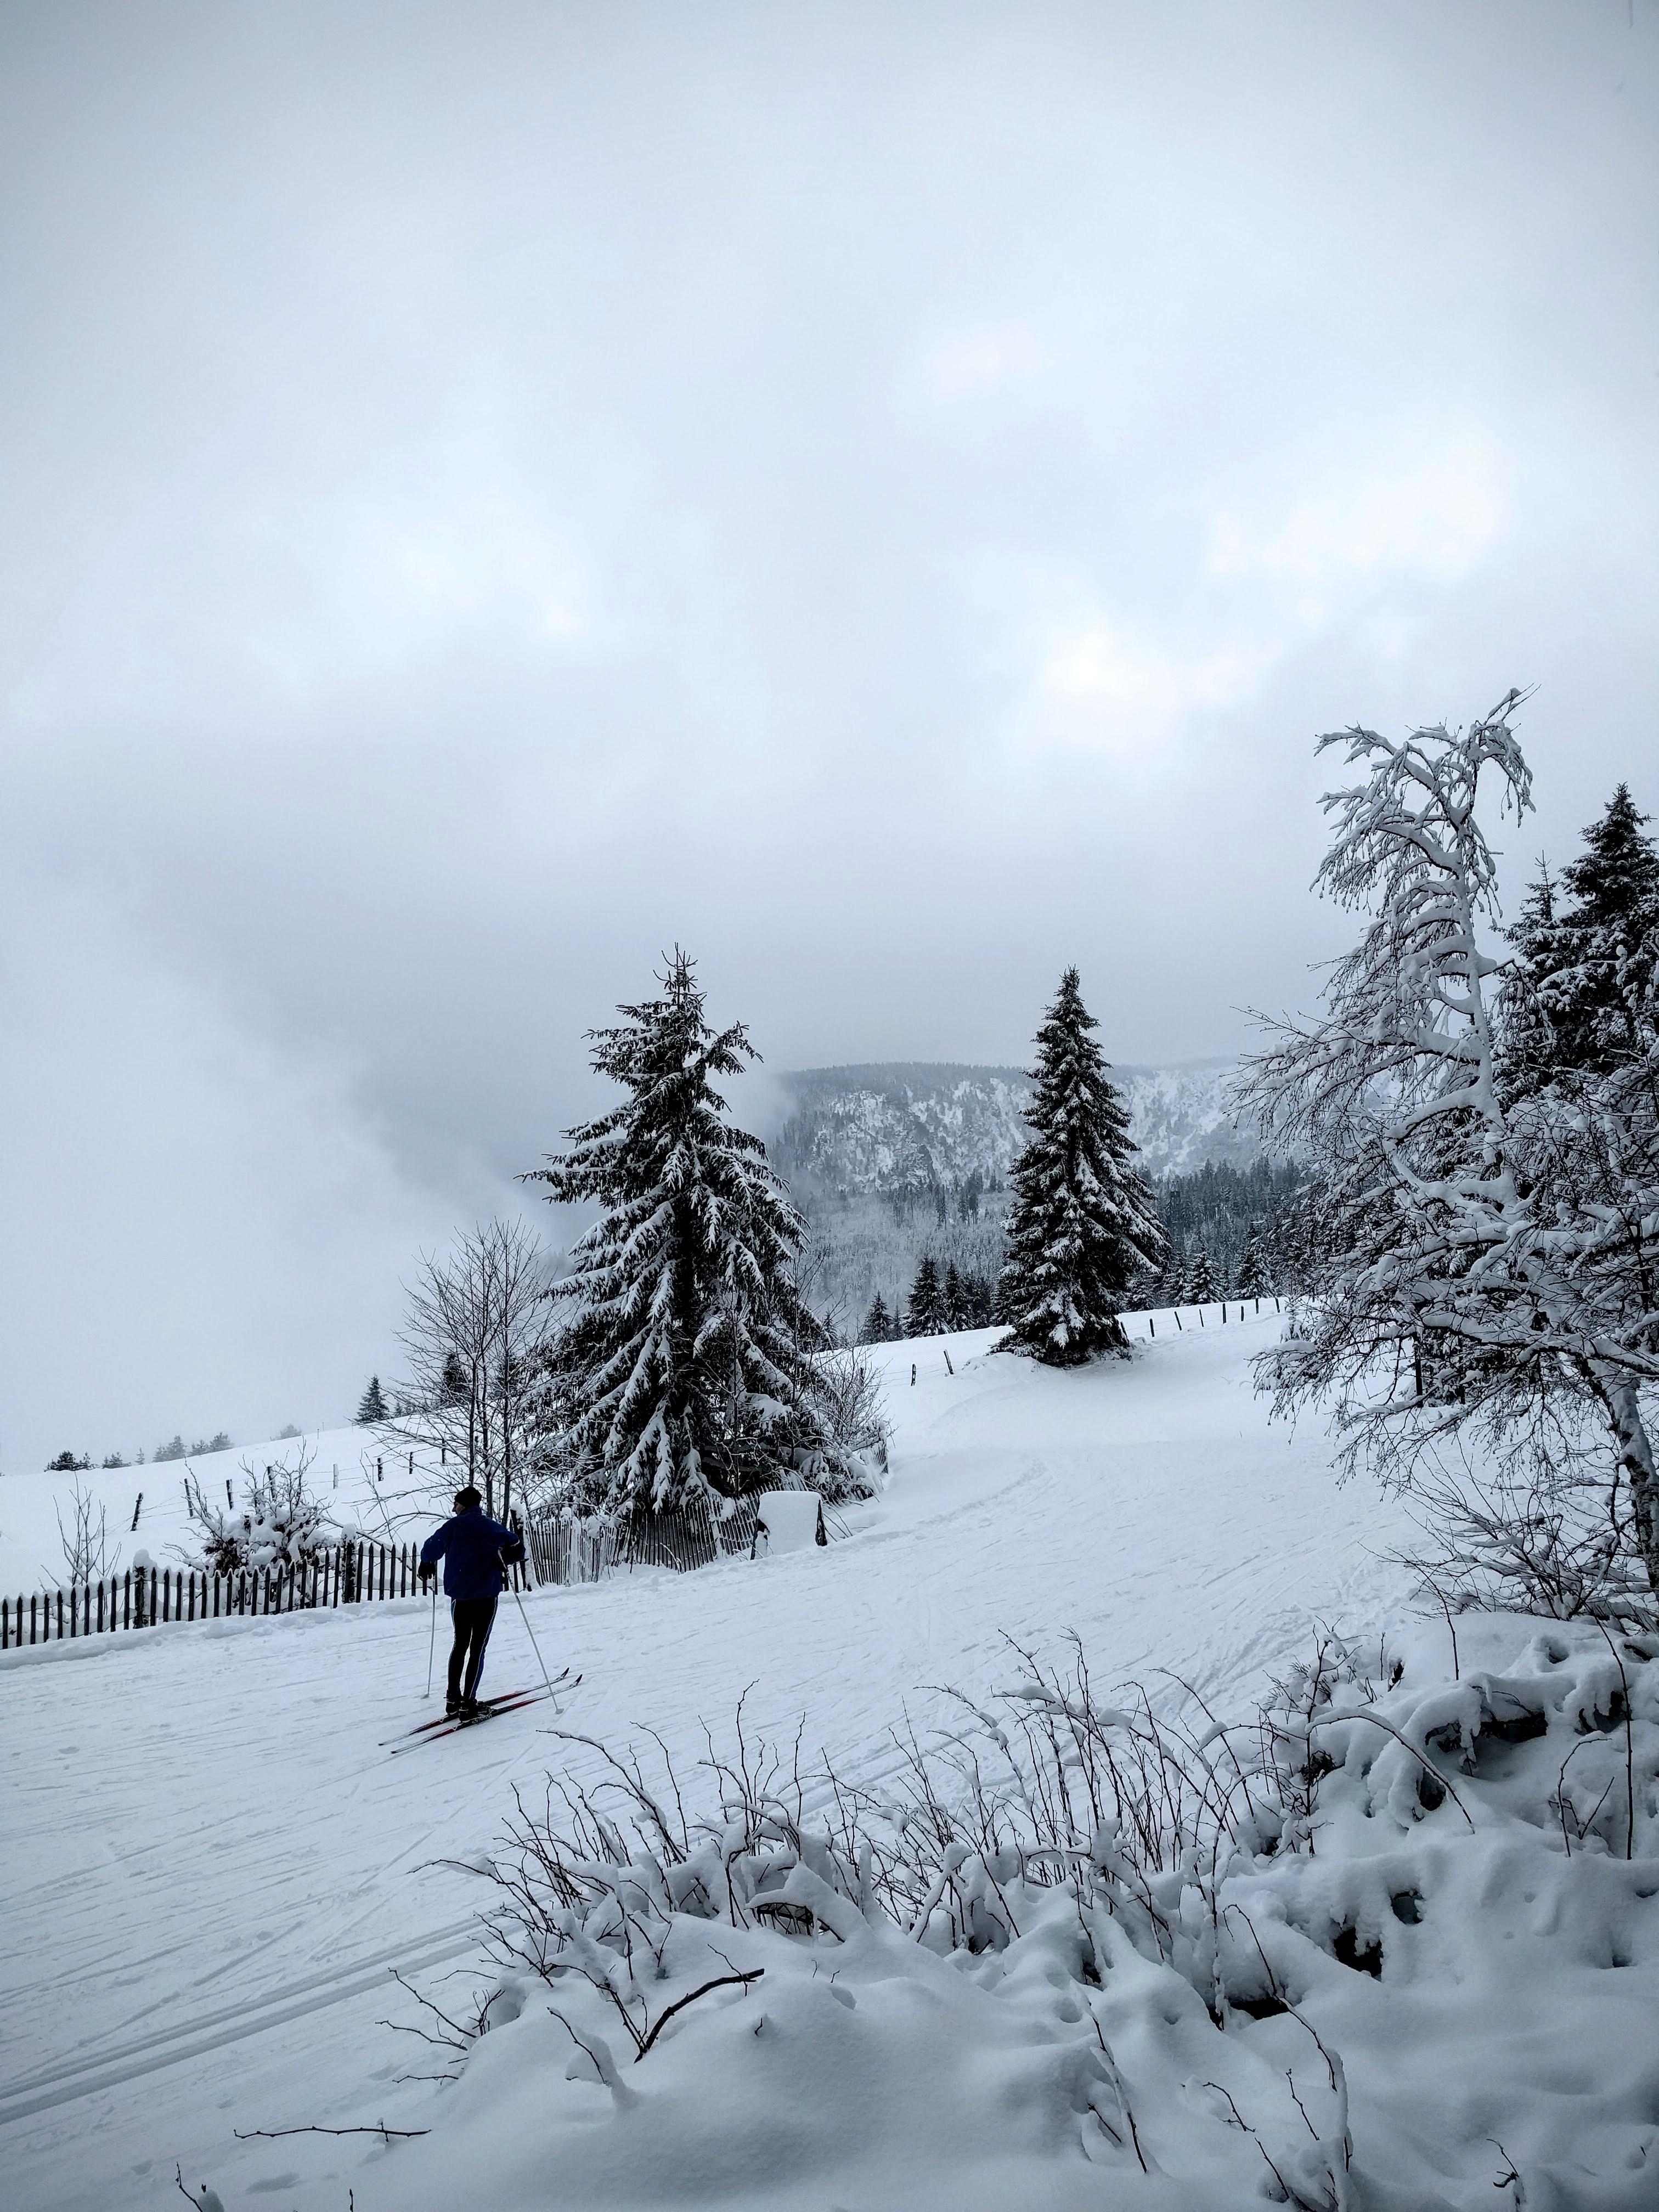 homme sur des skis de fond devant un paysage d'hiver